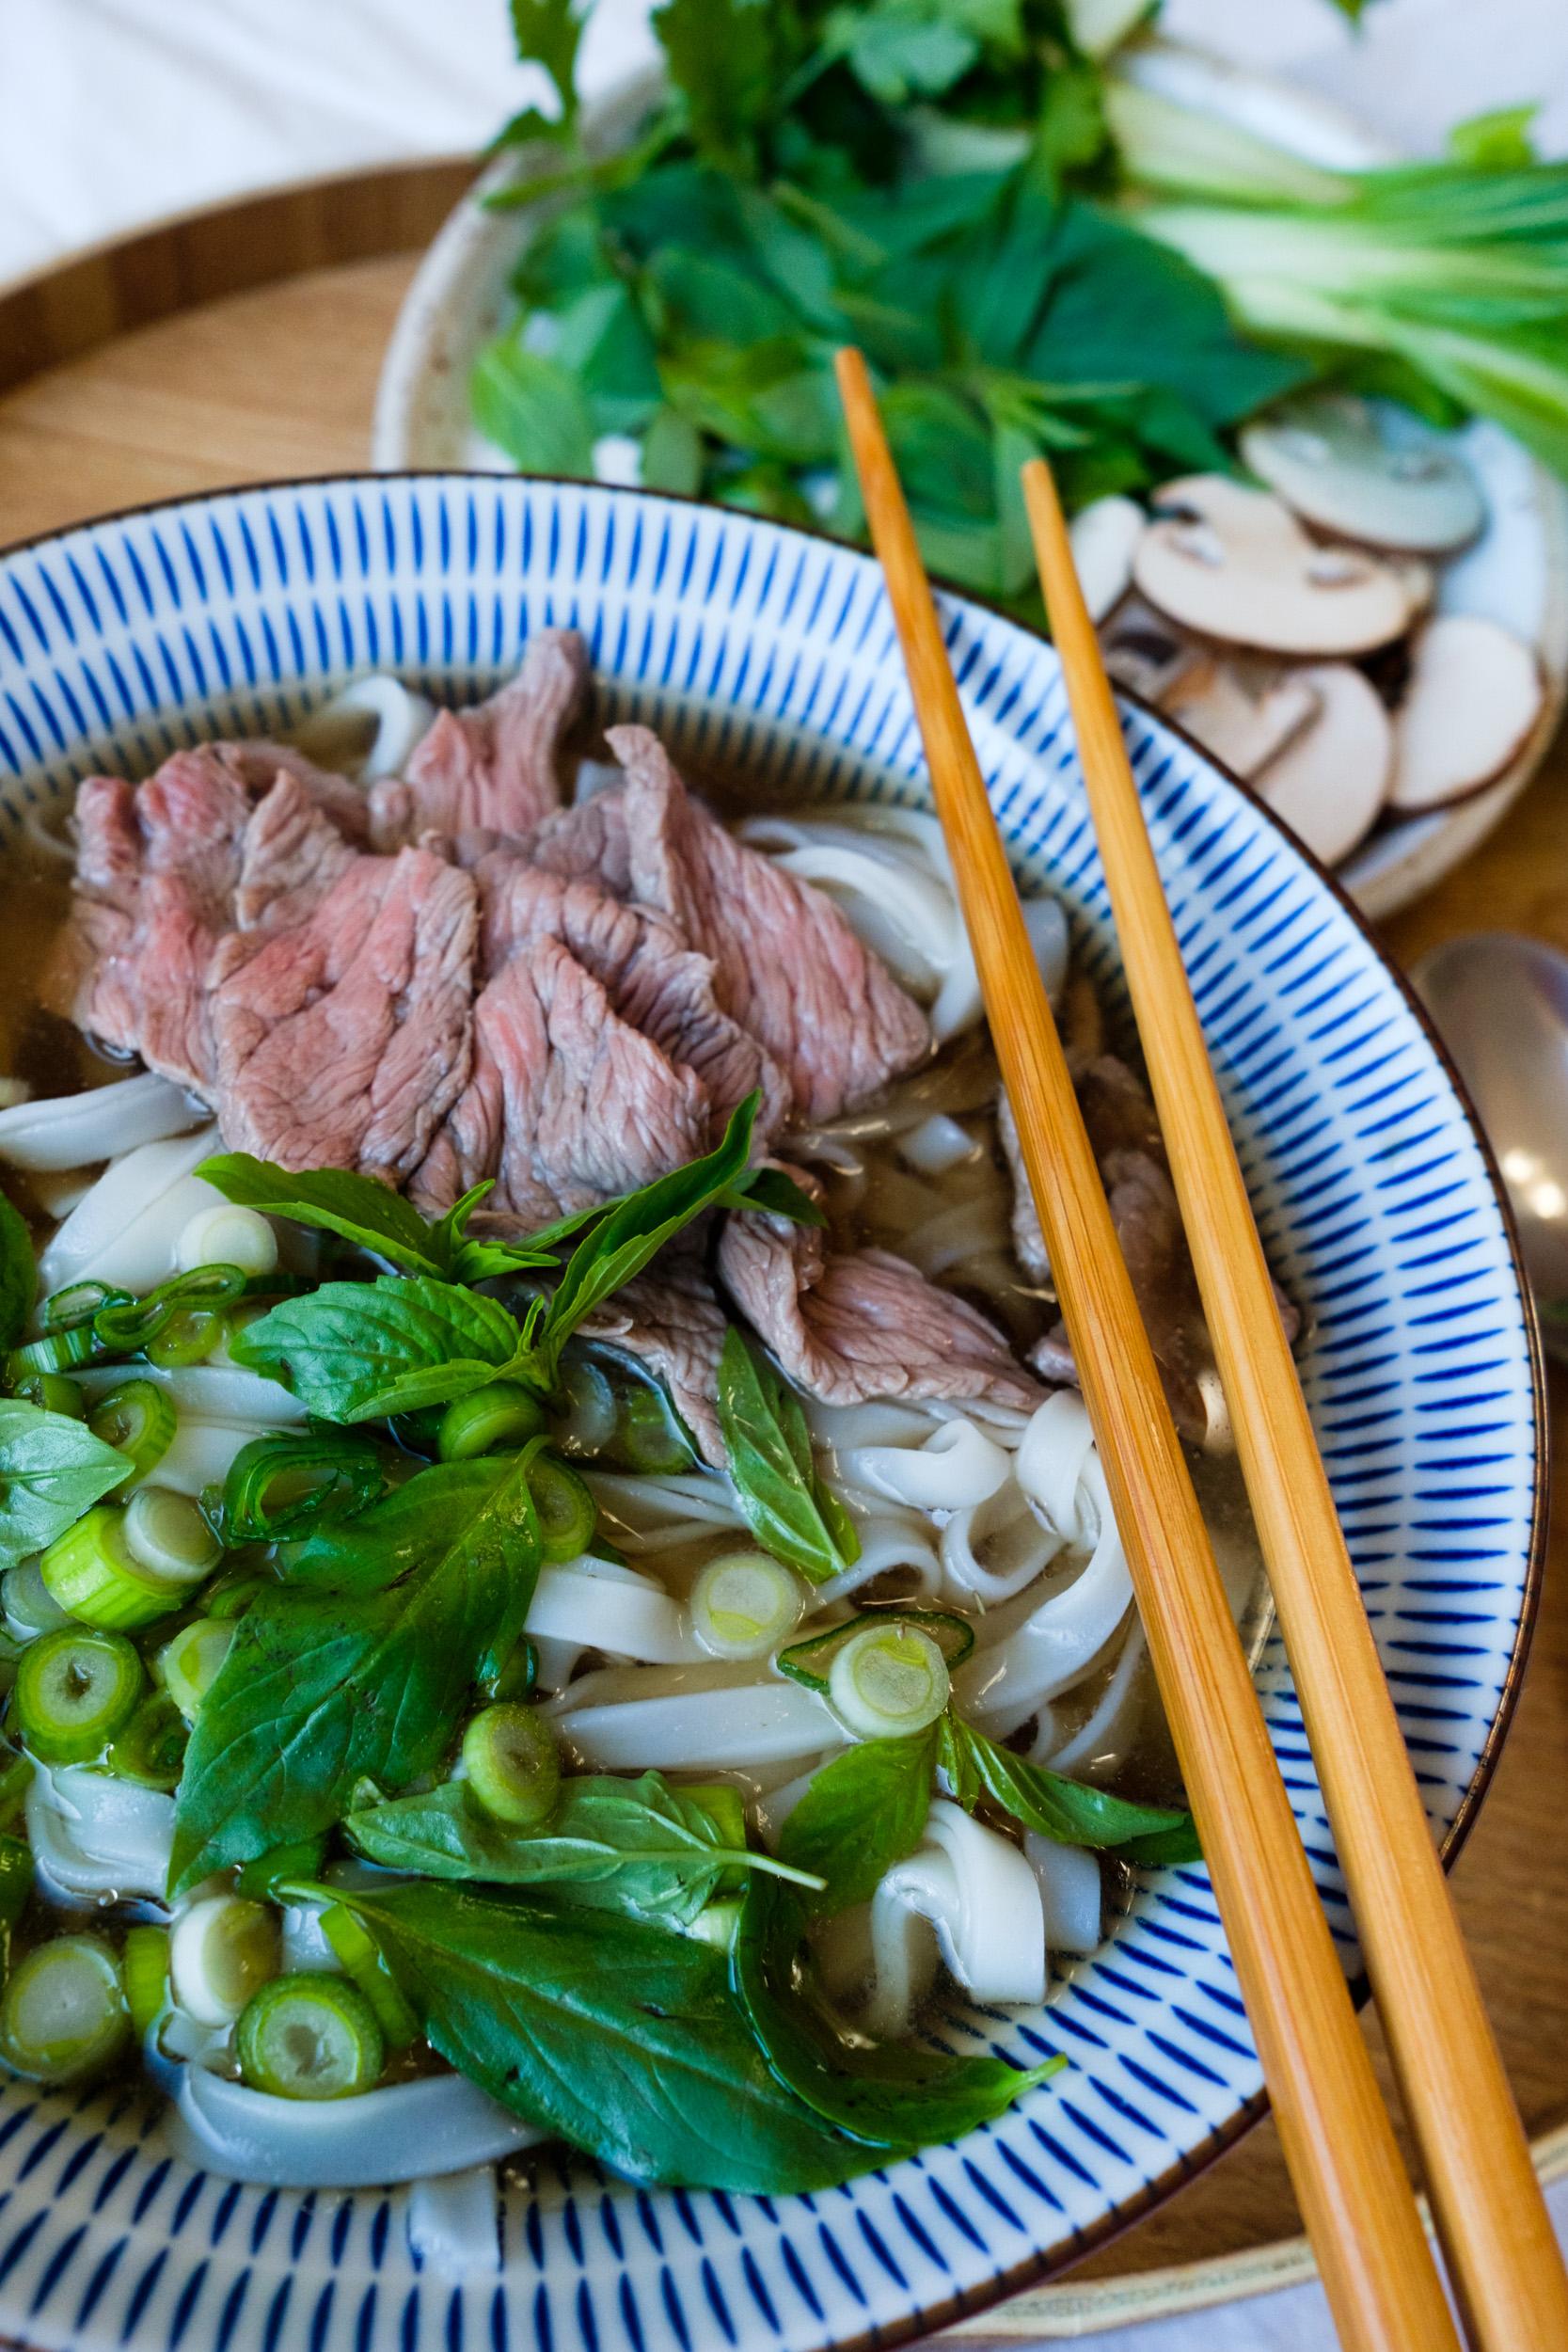 Pho bo Rezept | Phở bò | Vietnamesische Nudelsuppe mit Reisnudel und Rindfleisch | Selbstgekochte Brühe | Rinderbrühe | Pho mit Gemüse und Rindfleisch | Klassische Pho Brühe | Original Pho | Vietnamesisch kochen | Koriander | Thaibasilikum | Pilte | Pak Choi | #rezept #pho #suppe #nudelsuppe #vietnamesisch #streetfood | Rezept auf ivy.li